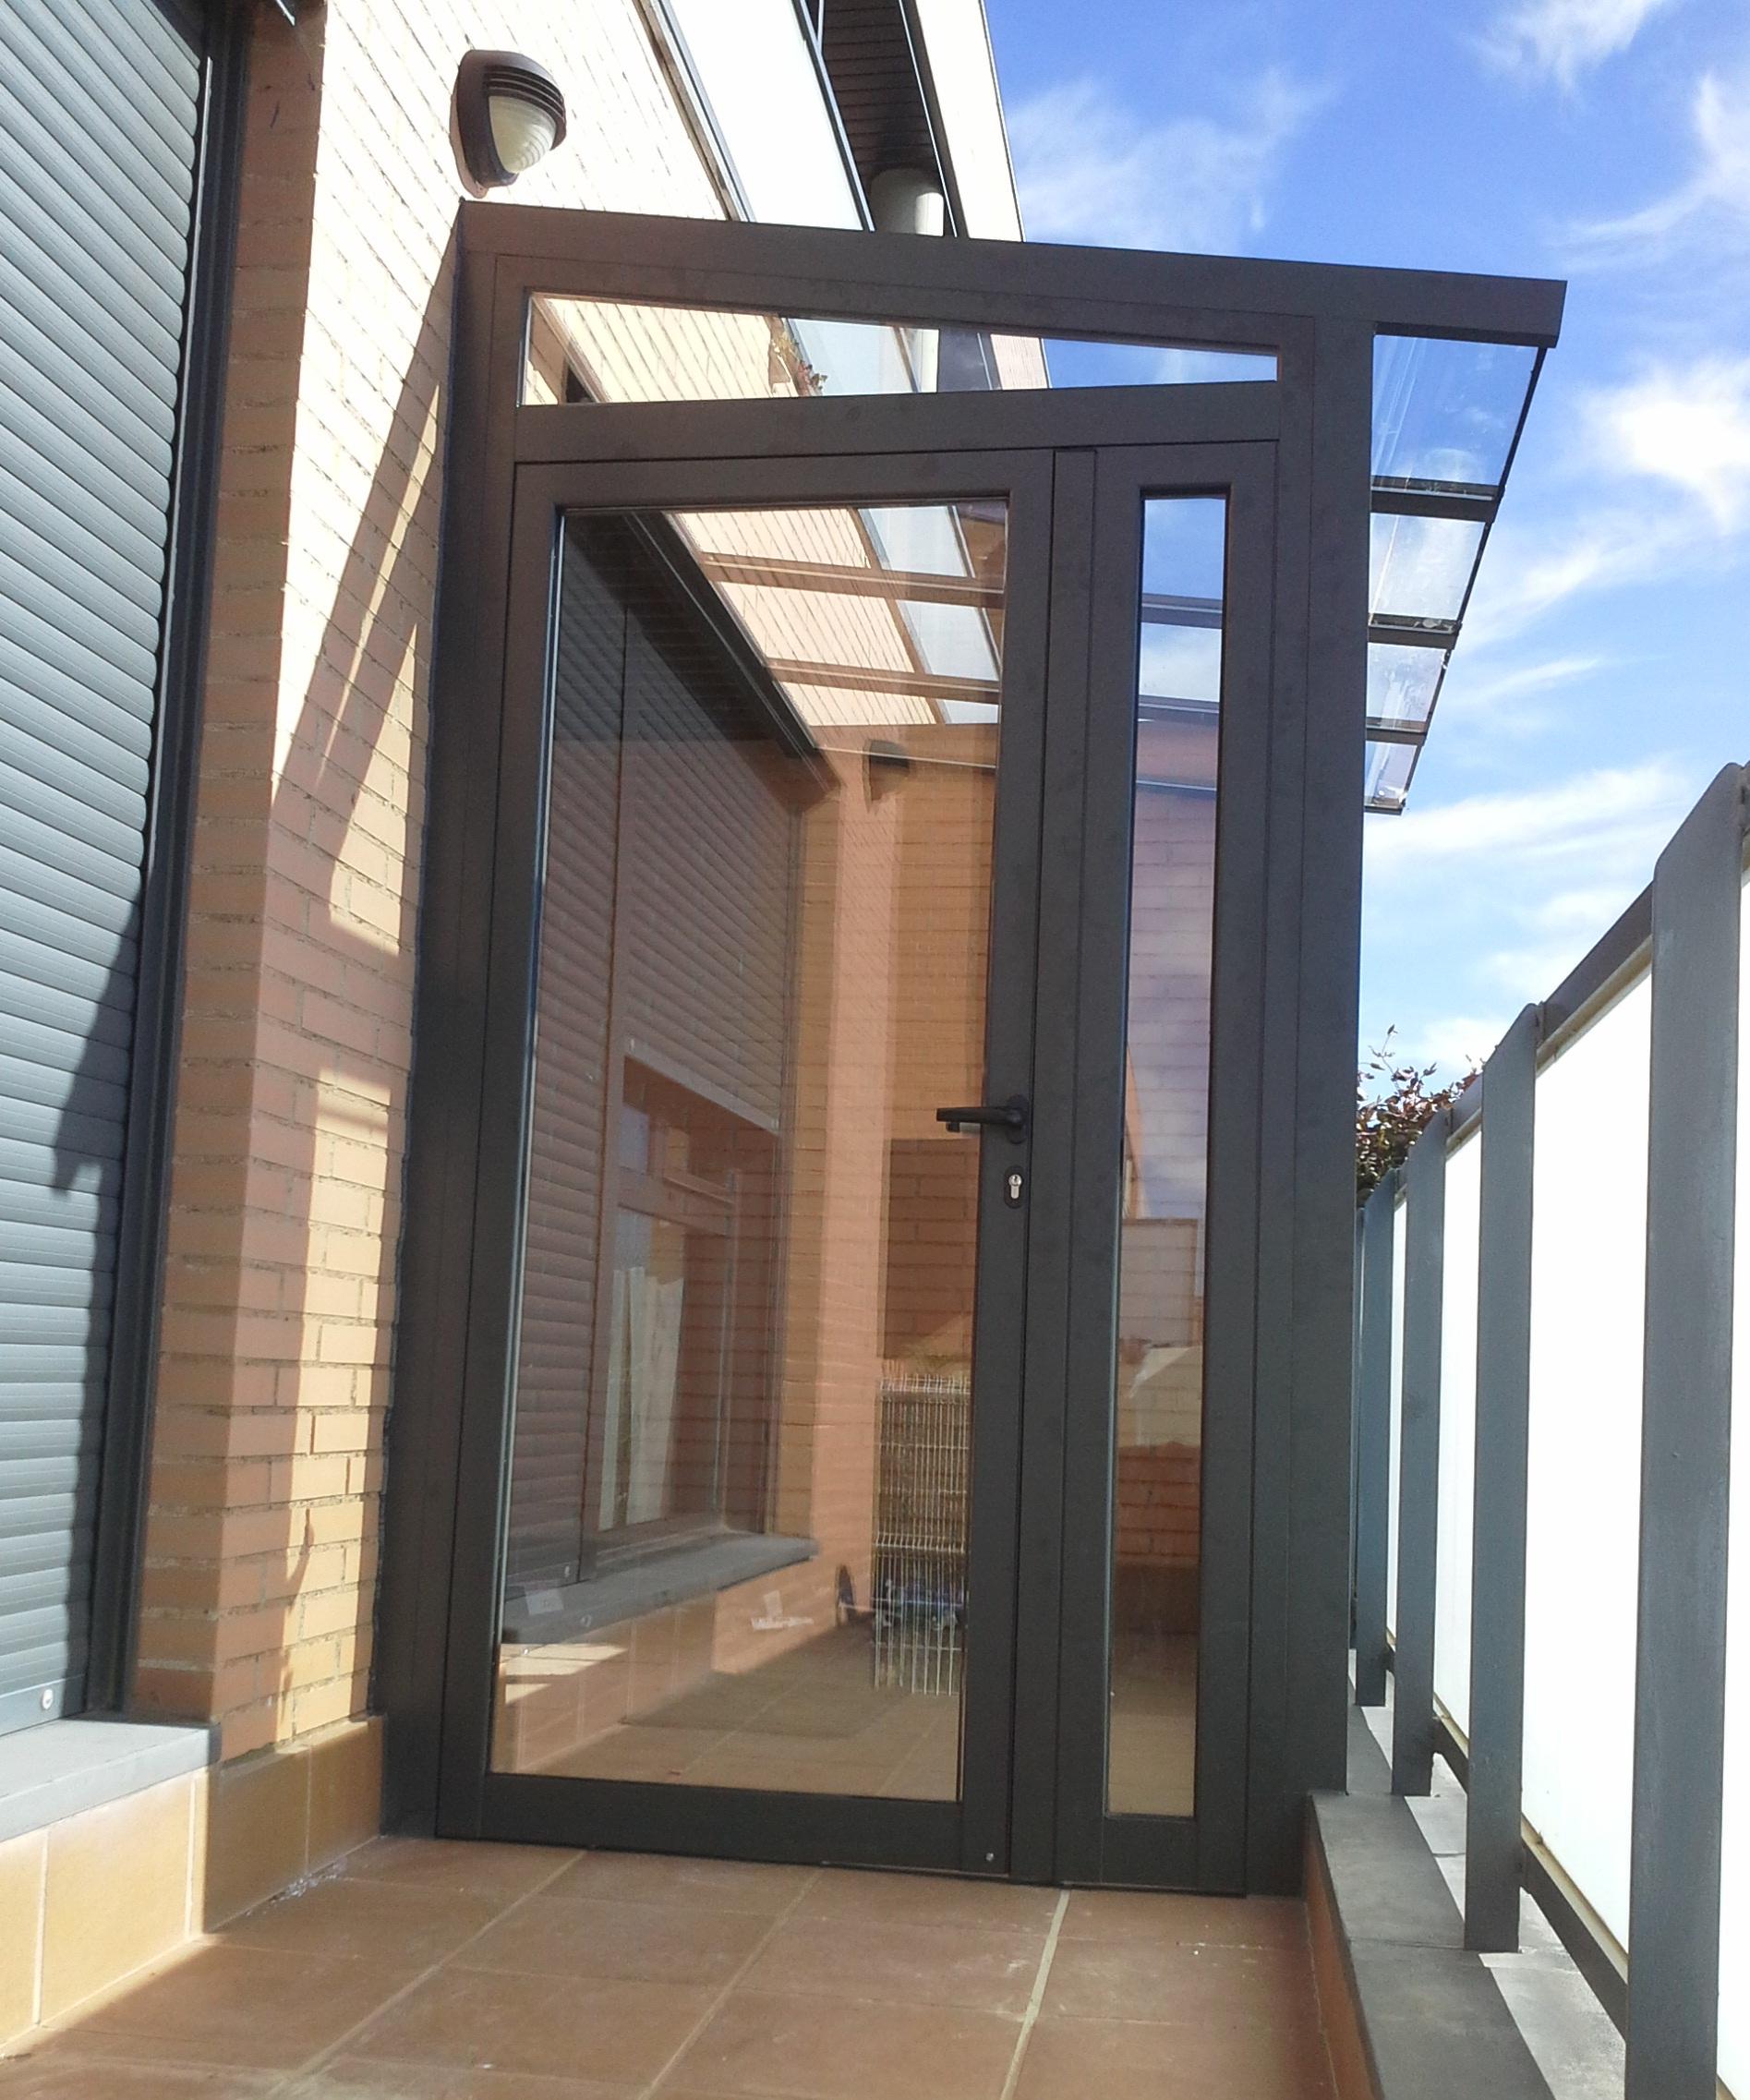 Montaje de cerramiento de aluminio montajes de aluminio dg for Puertas para cerramientos